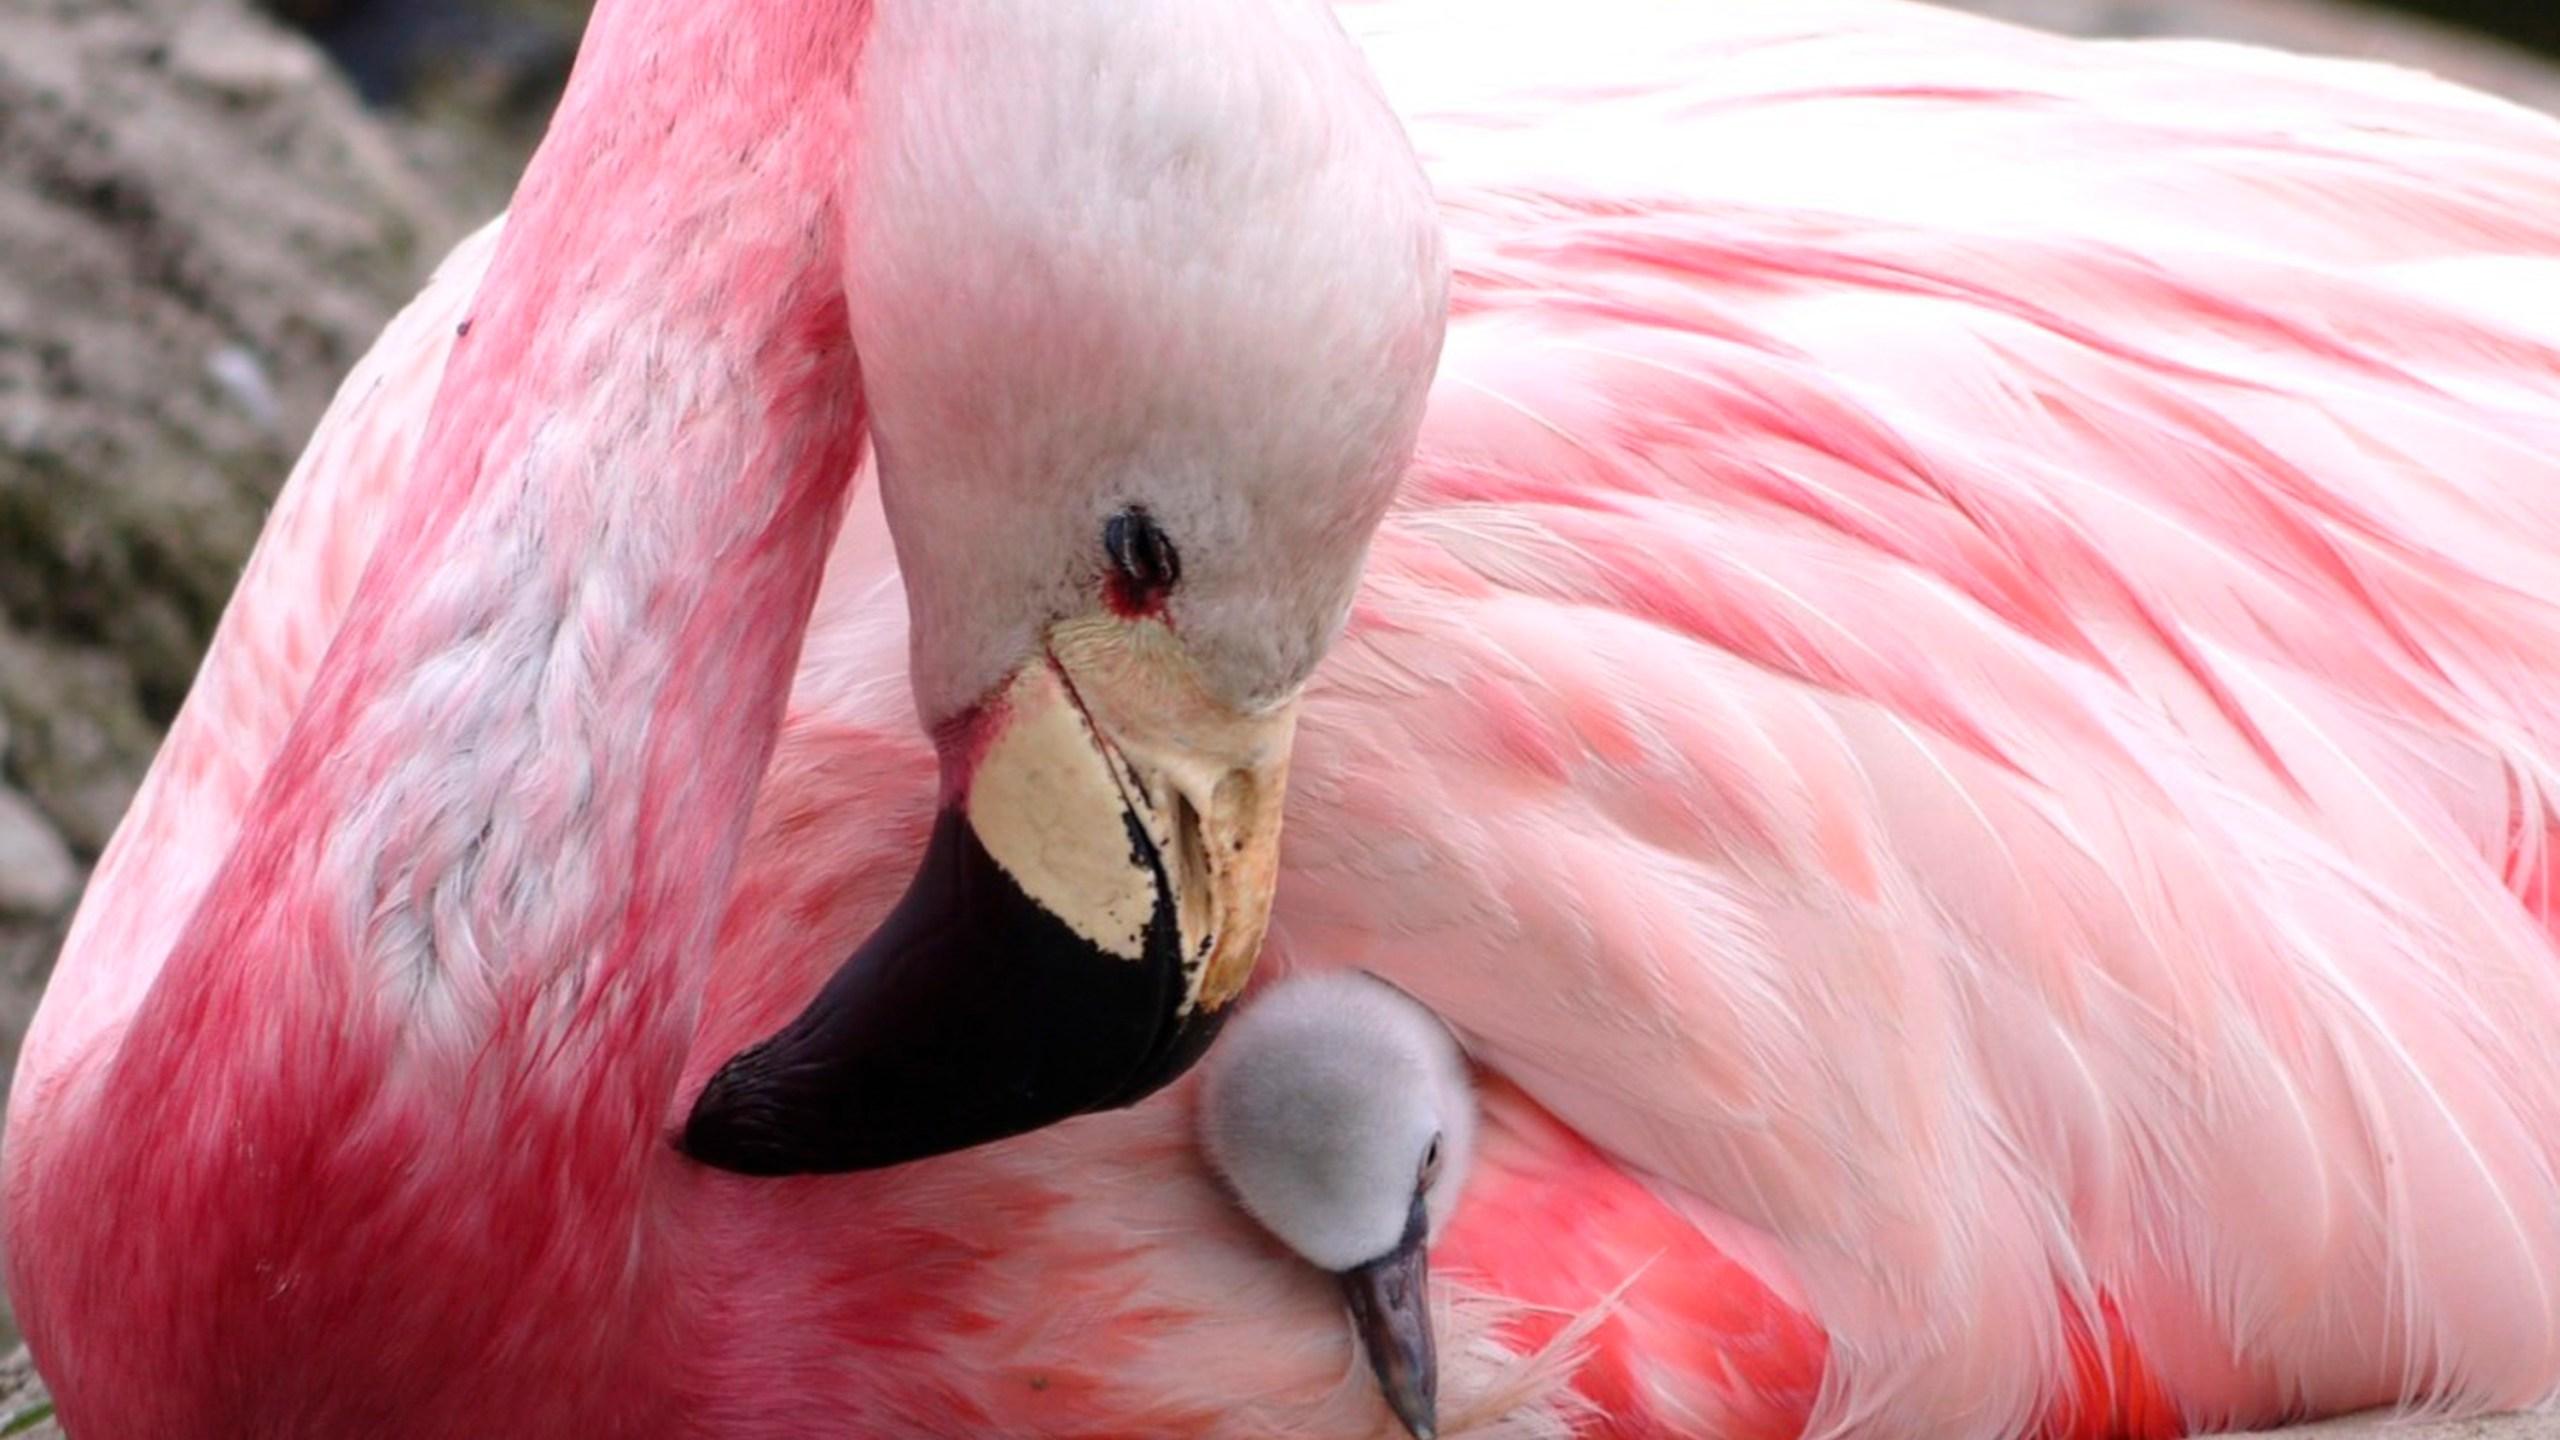 Britian_Heat_Flamingos_05616-159532.jpg10543105